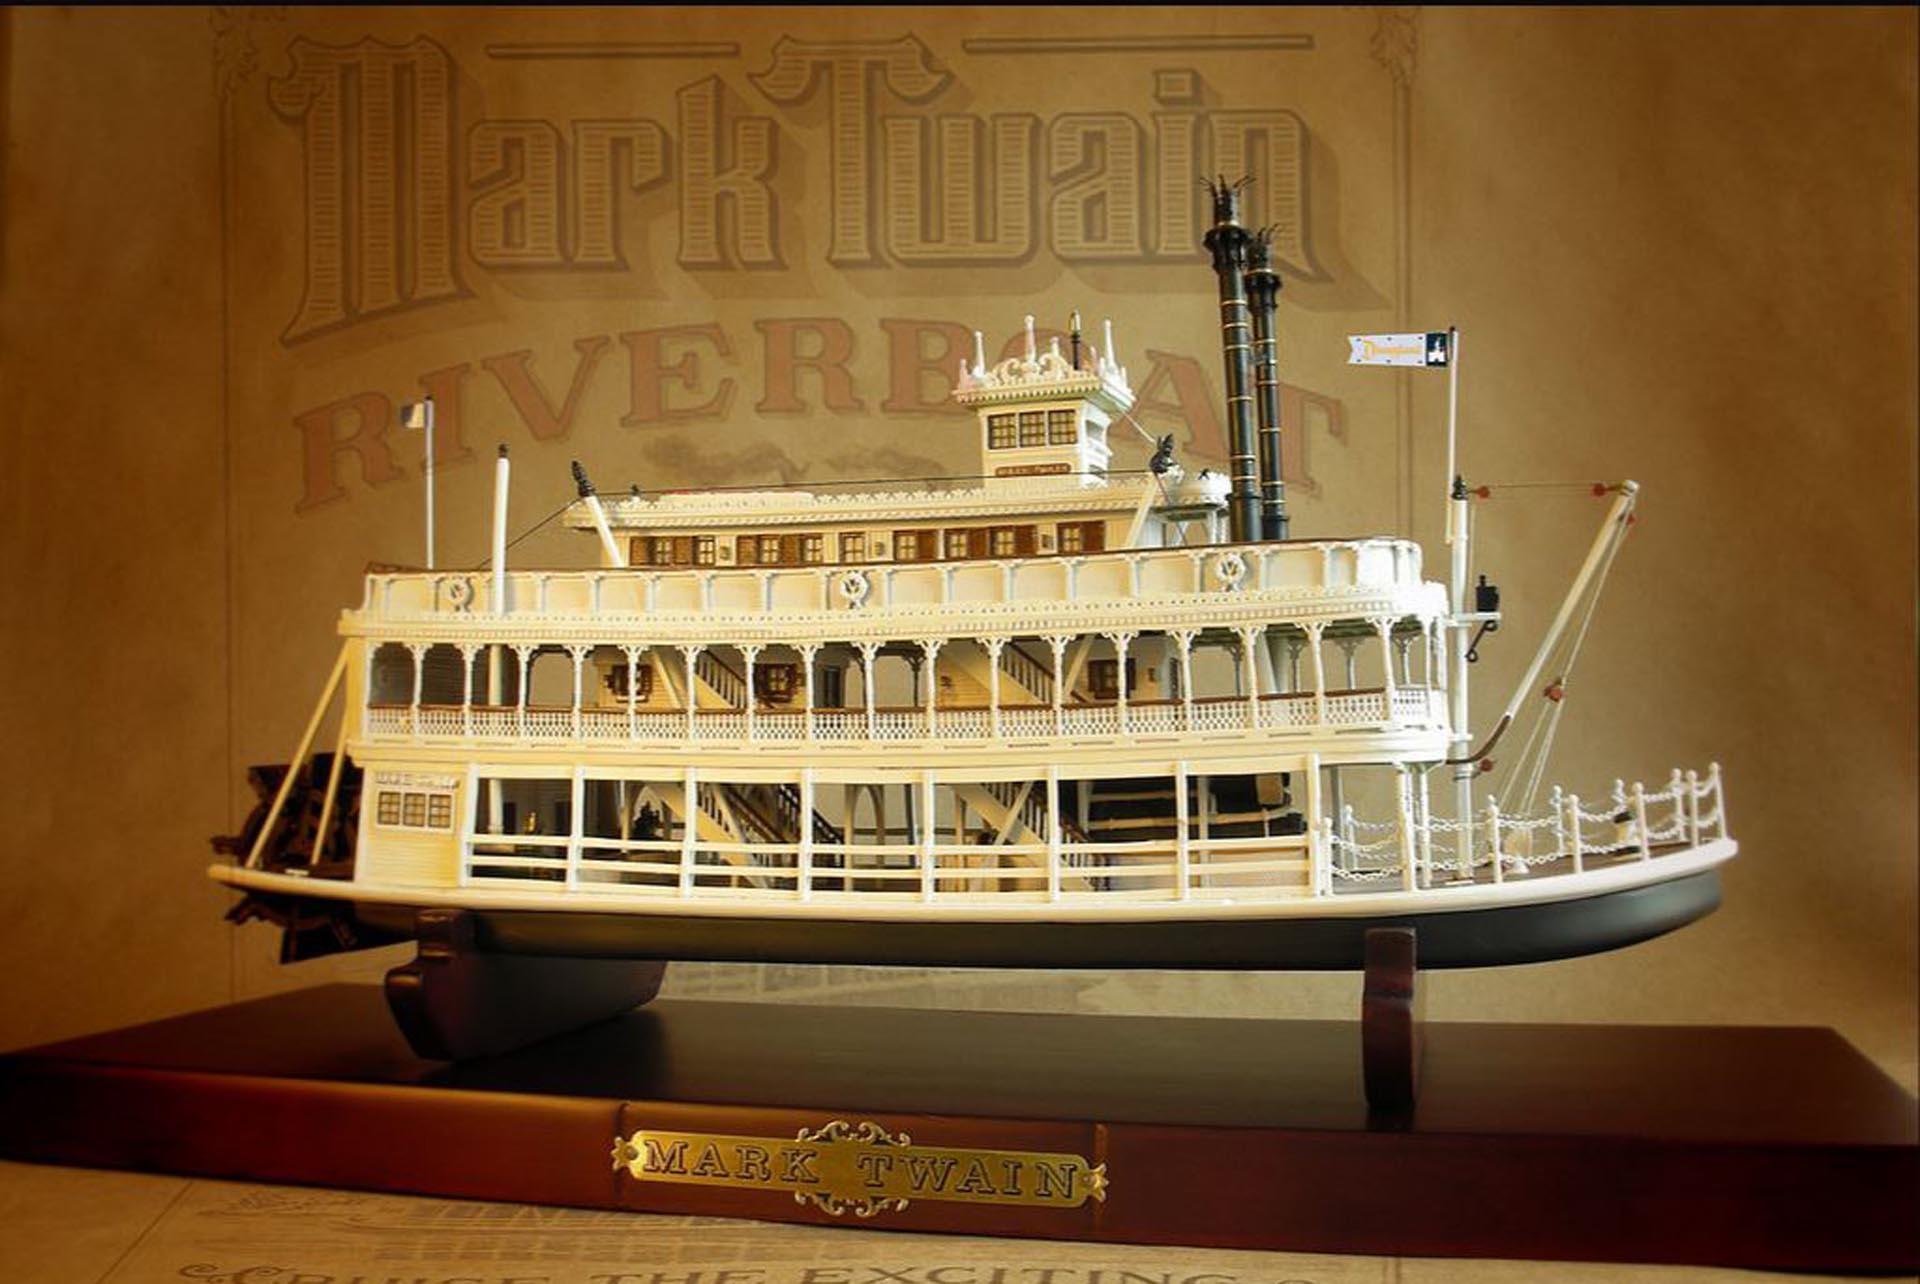 """Reproducción a escala de un """"riverboat"""" que perteneció a Walt Disney y al que denominó """"Mark Twain"""" como muestra de admiración hacia el escritor"""